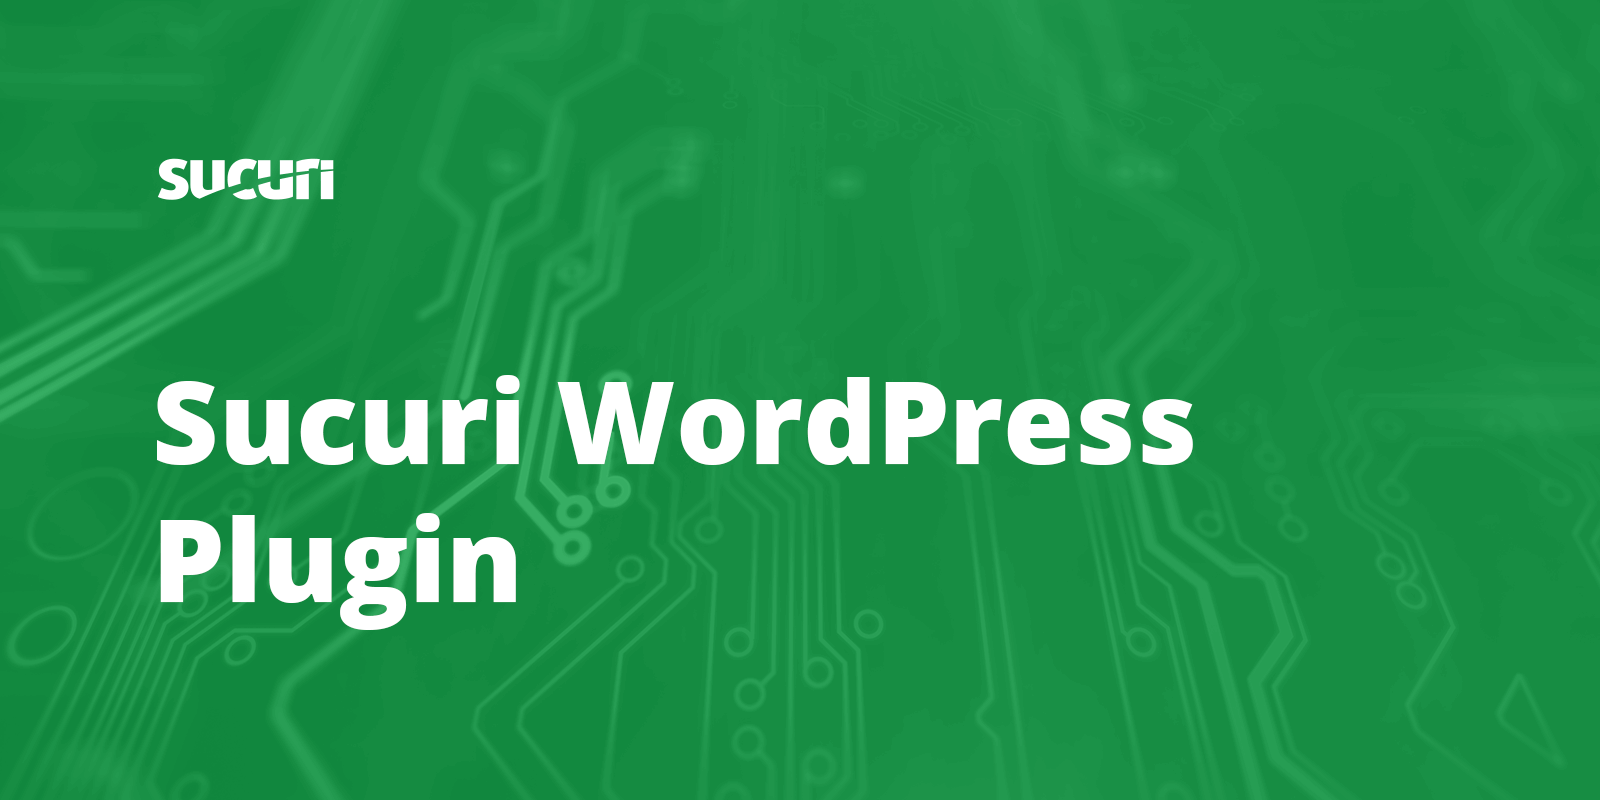 Sucuri Security, plugin para seguridad WordPress y Análisis de Malware